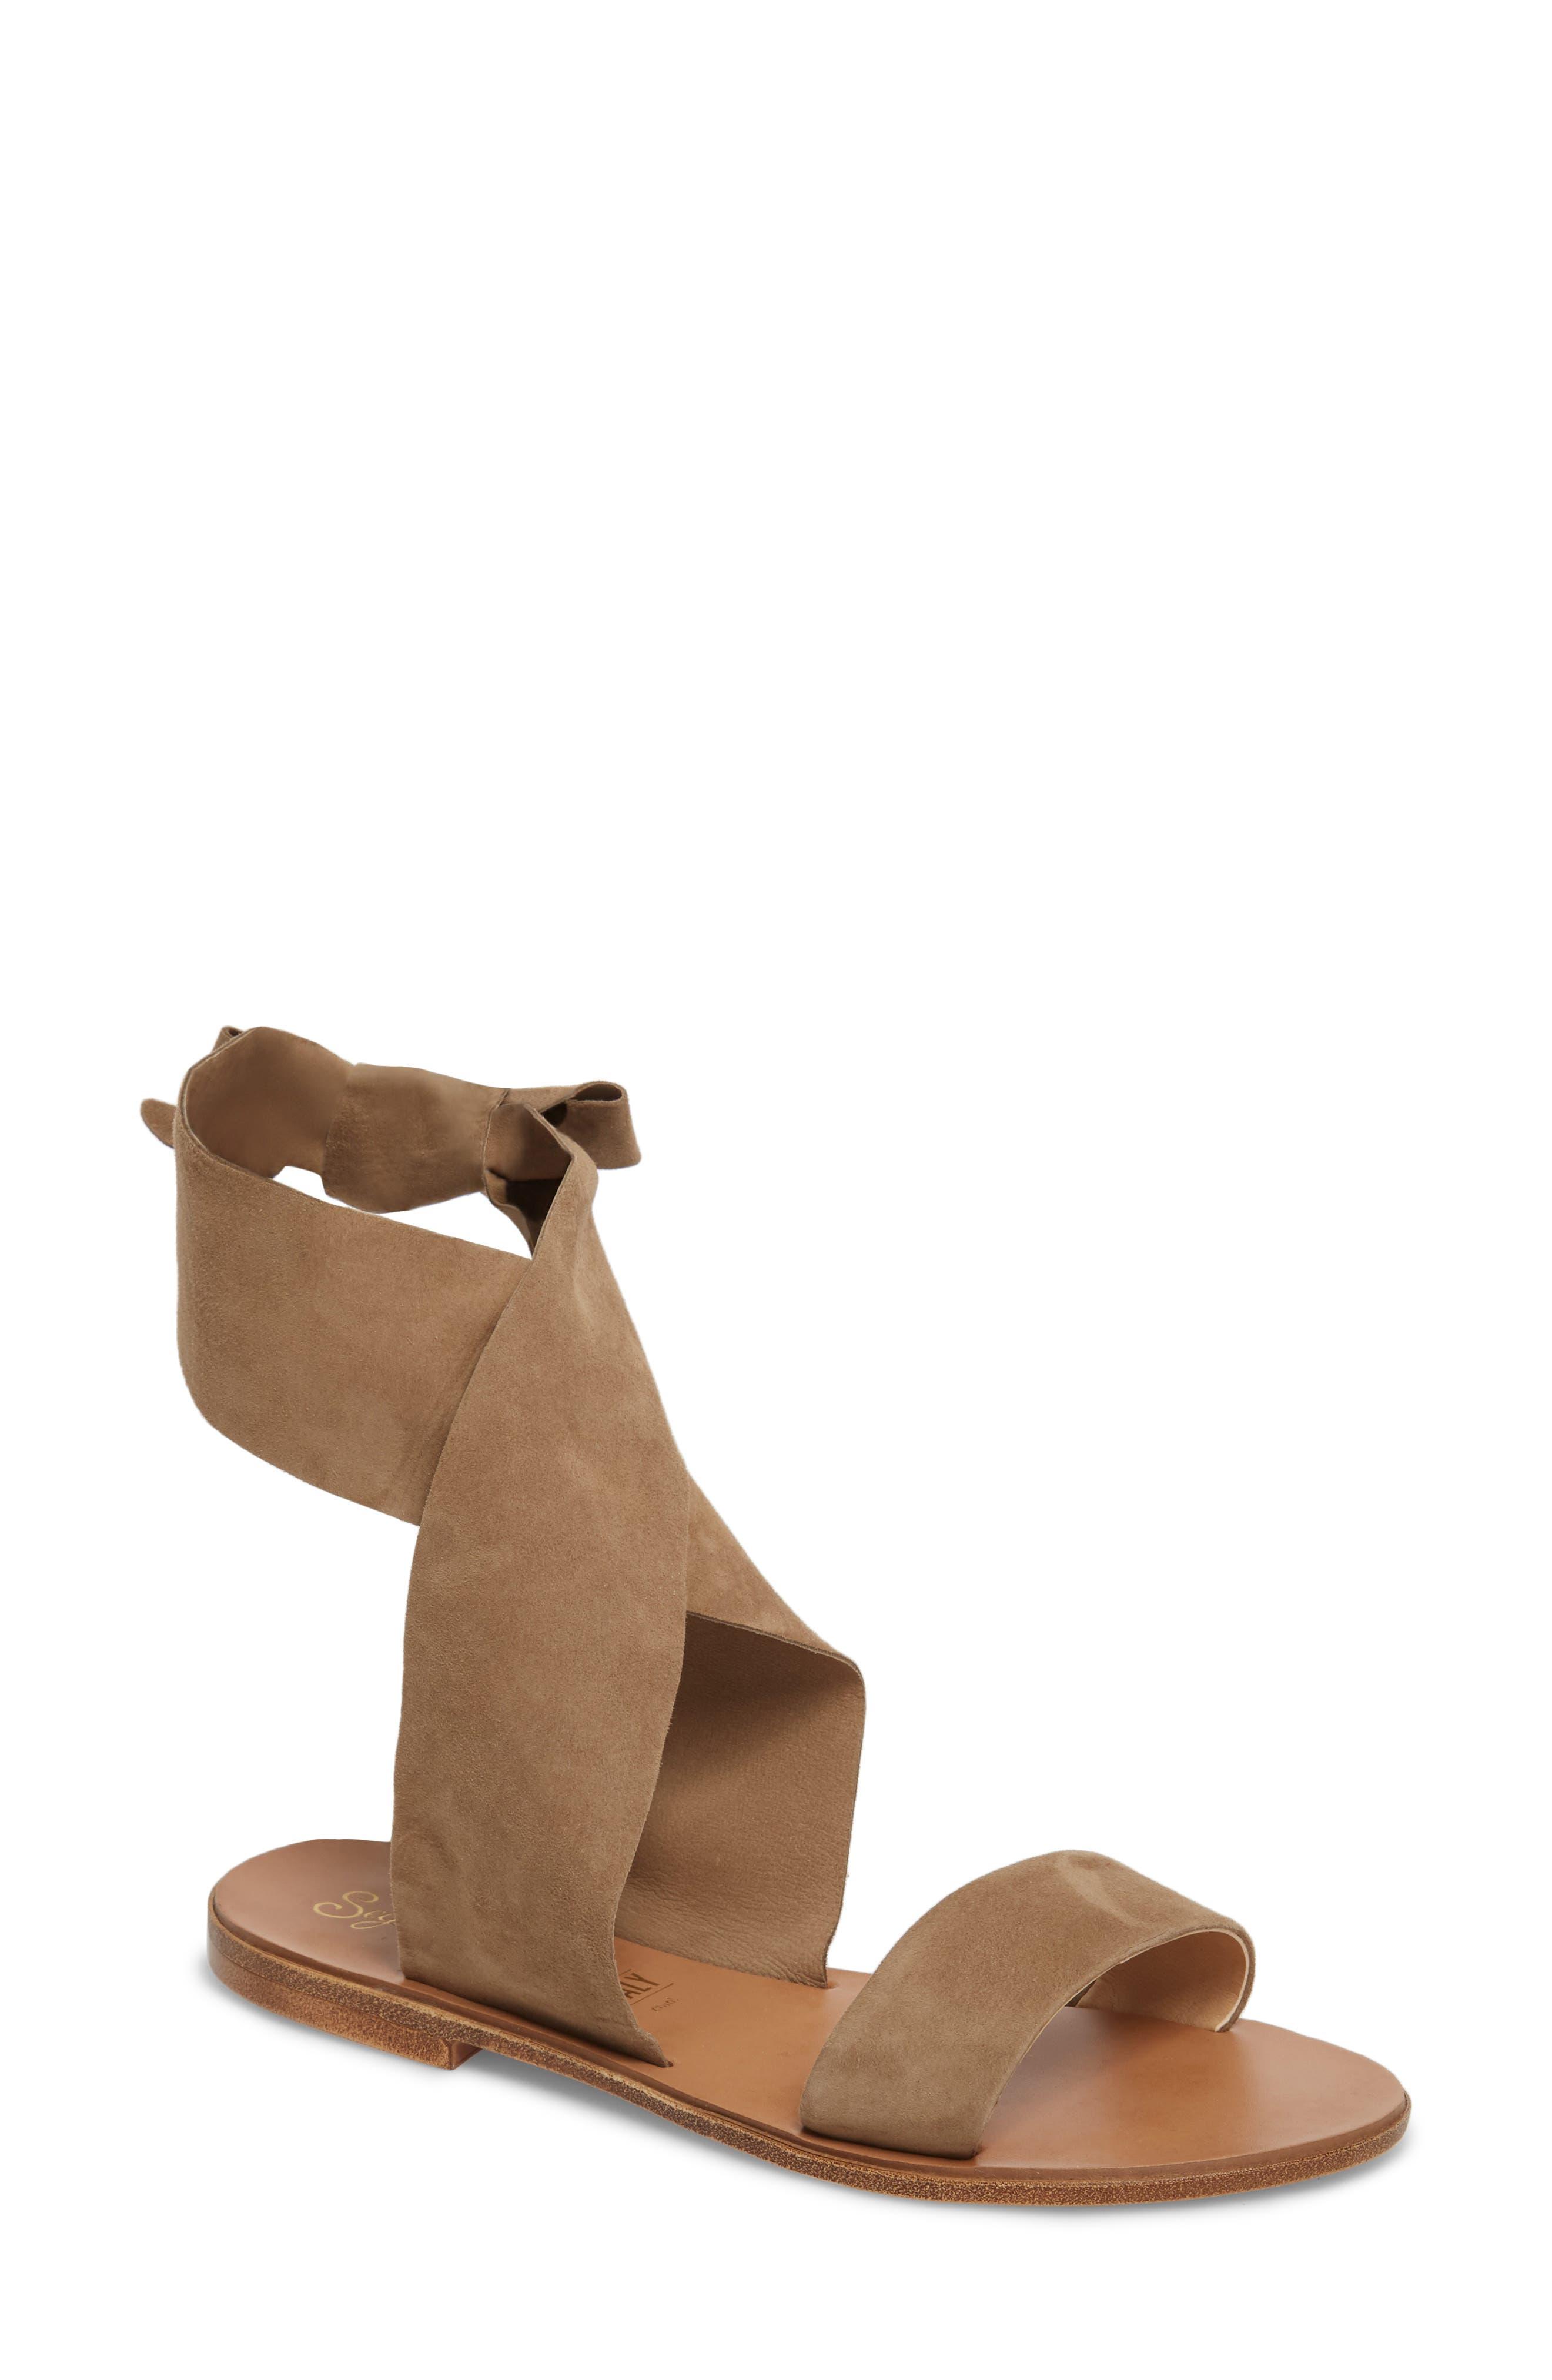 Seychelles Women's Ankle Strap Sandal oJQ53E